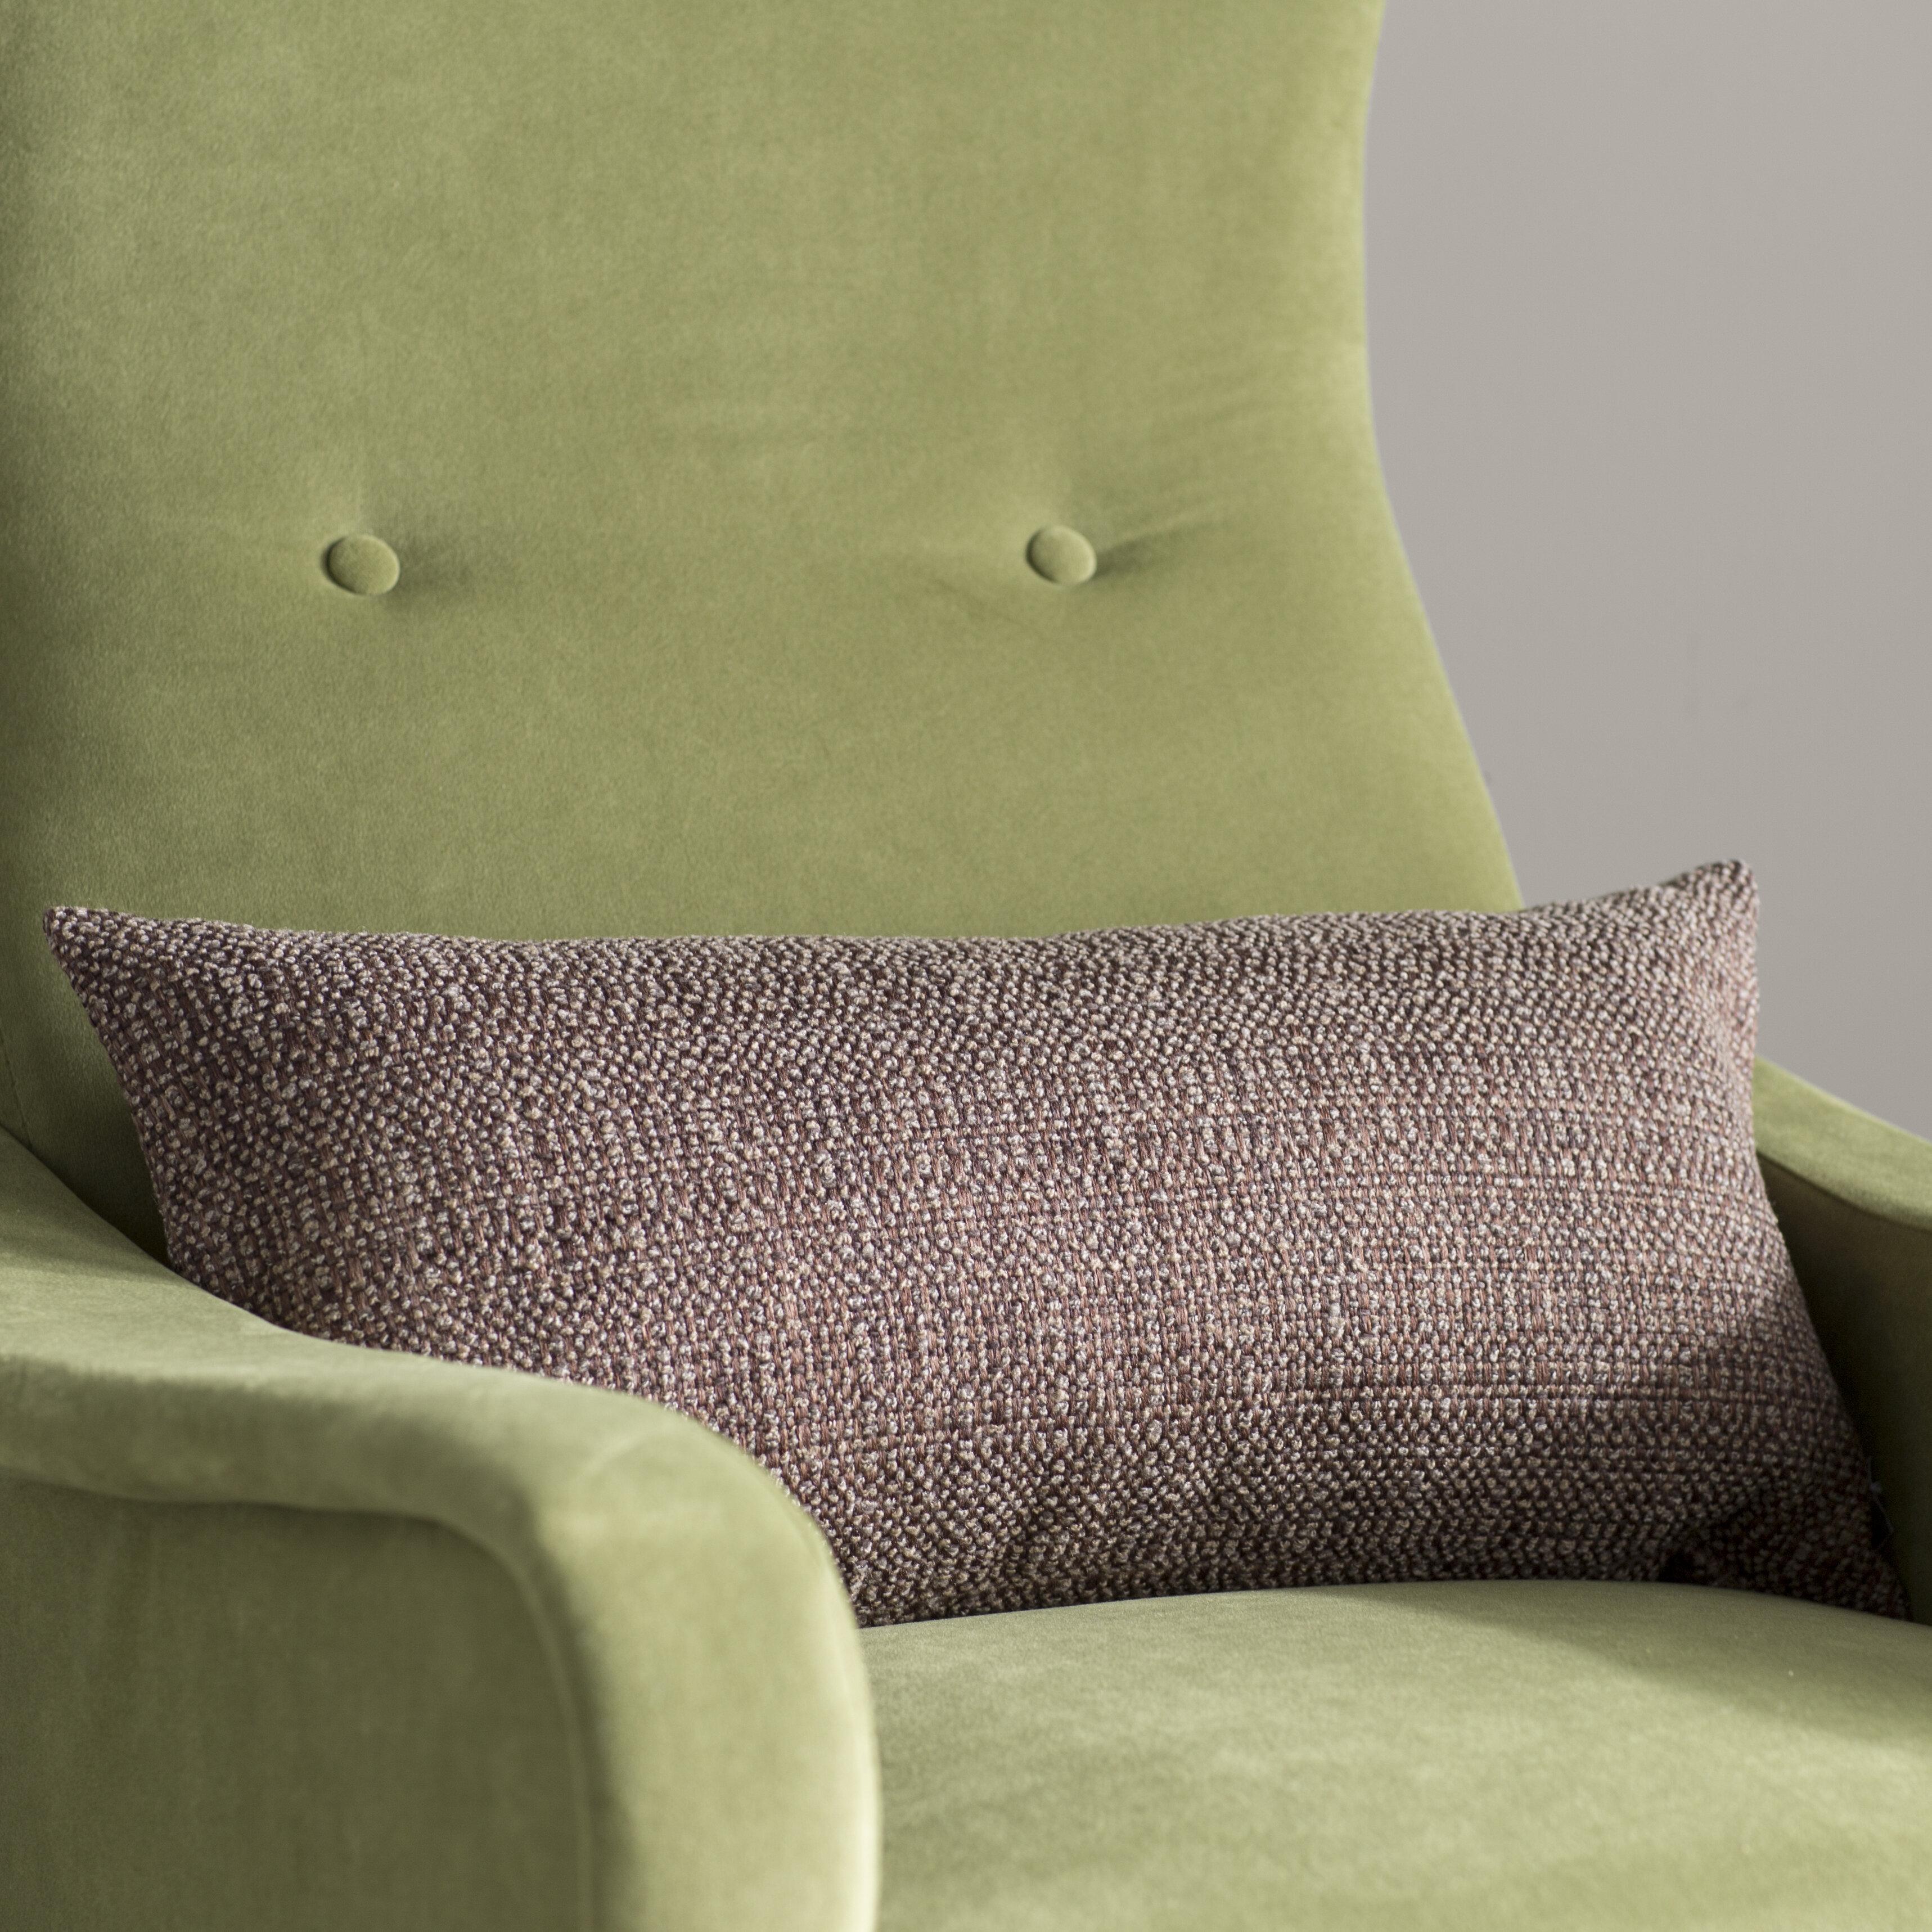 Genial Langley Street Ballystrudder Decorative Kidney Shaped Pillow U0026 Reviews |  Wayfair